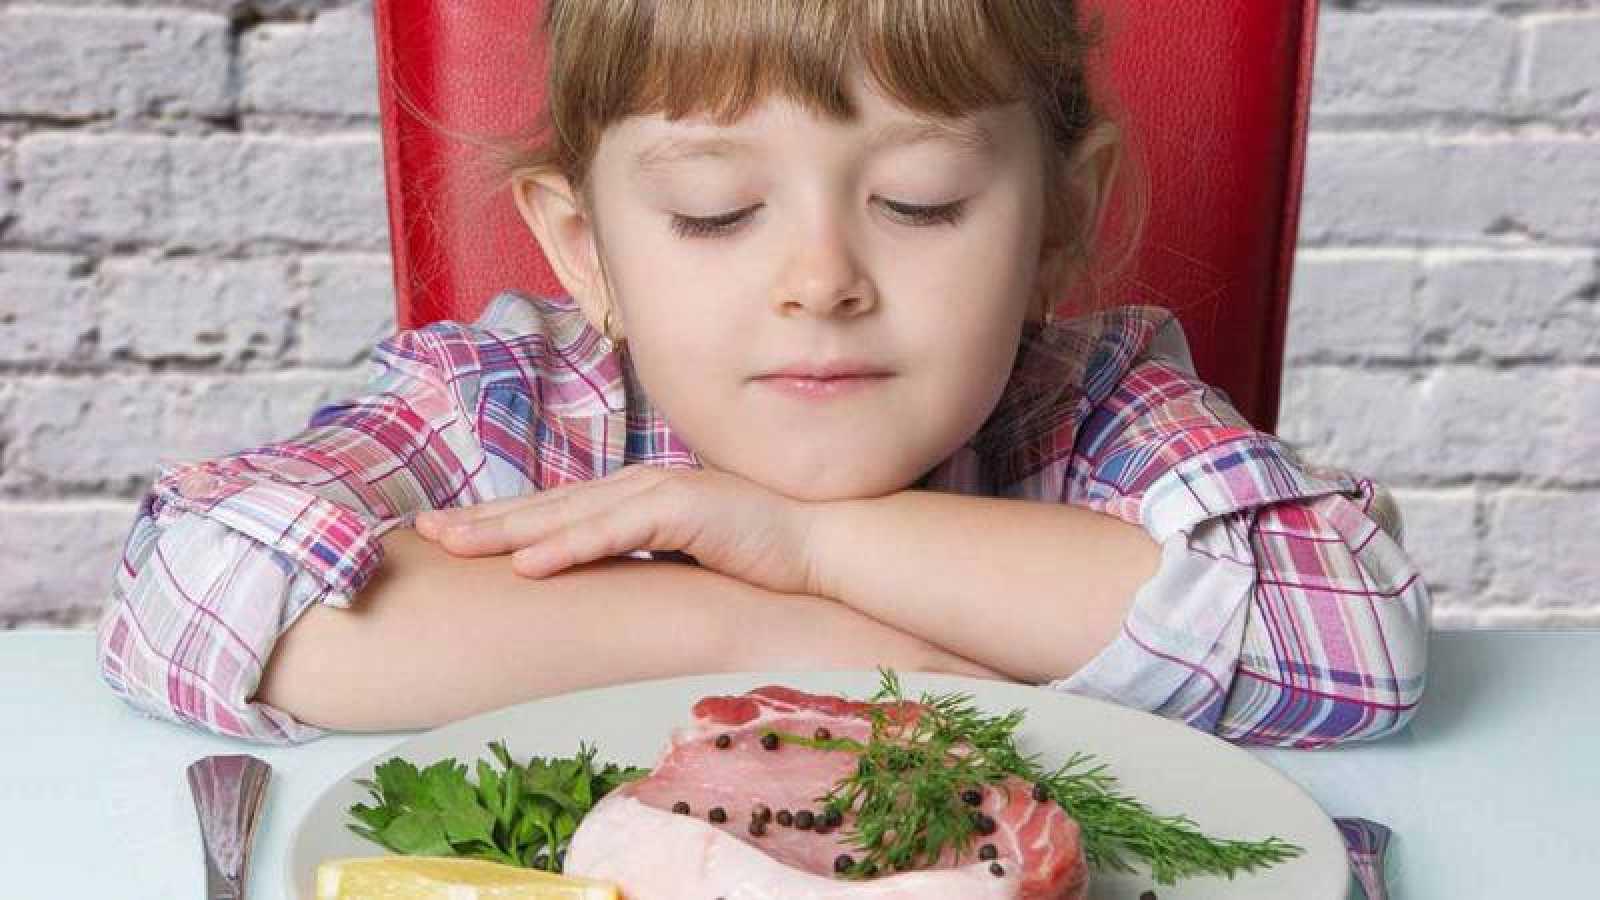 El informe recomienda evitar el consumo de alimentos que hayan implicado el uso de plaguicidas.